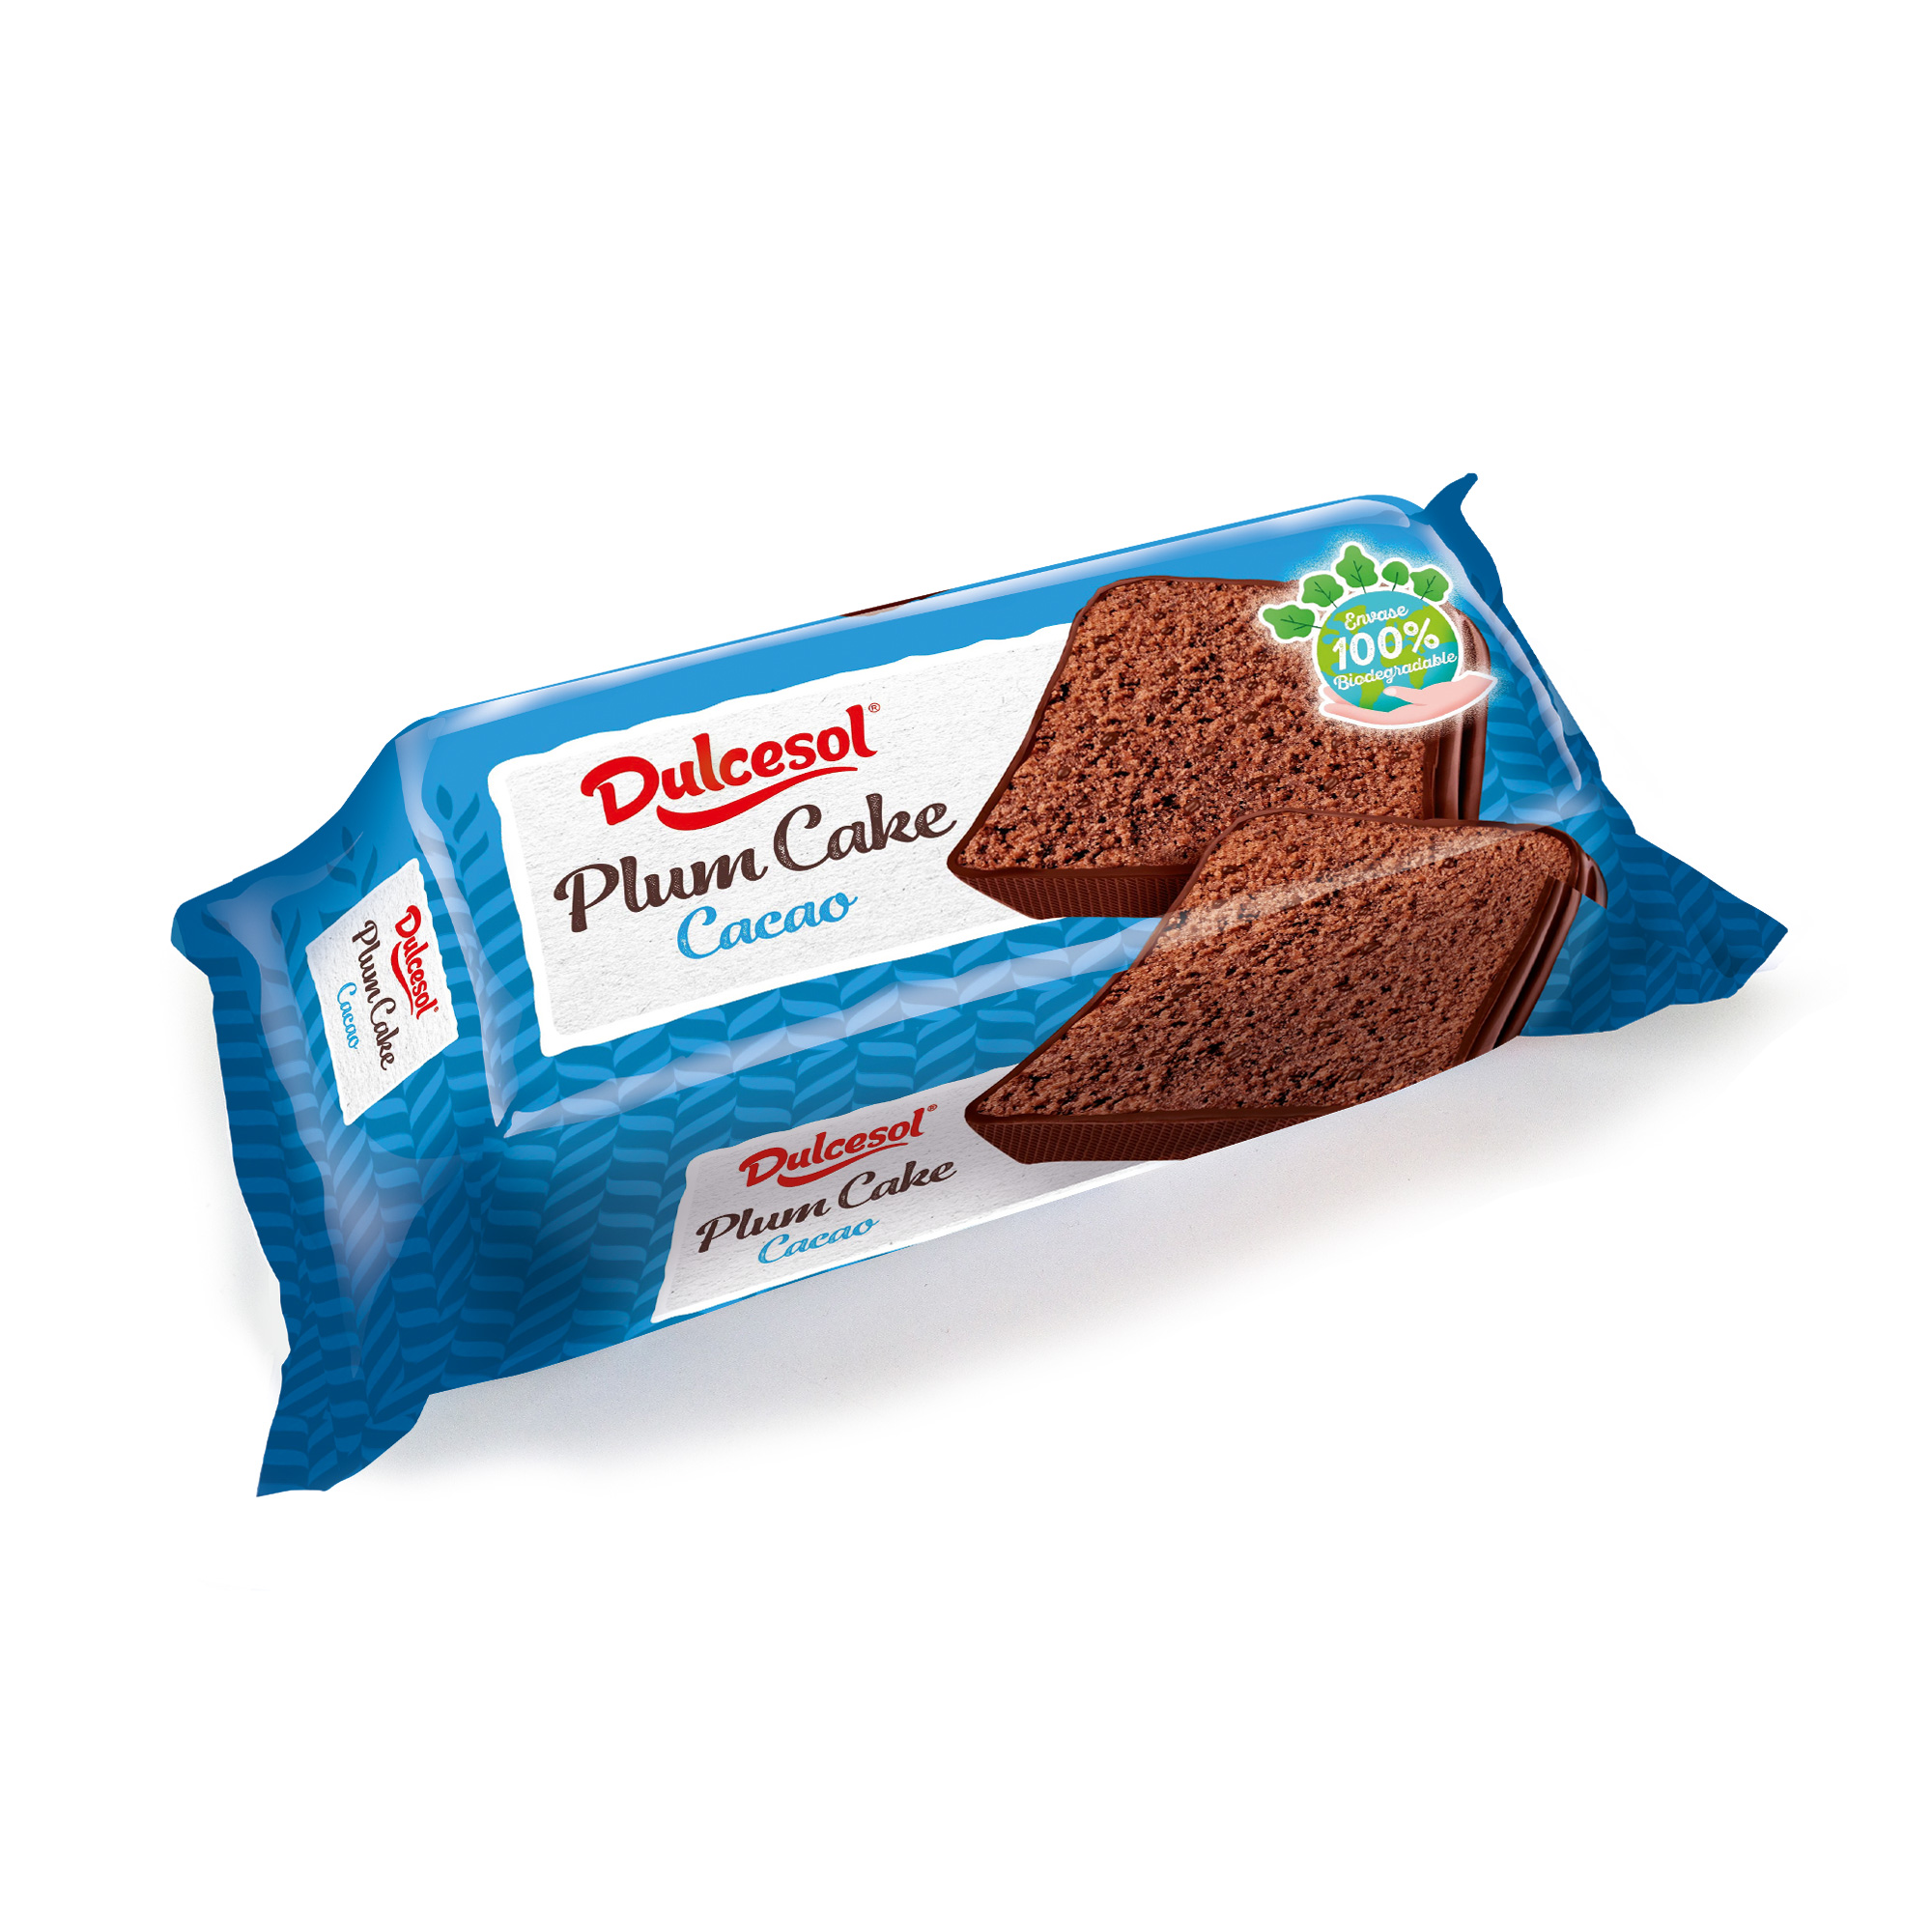 Plum Cake Cacao